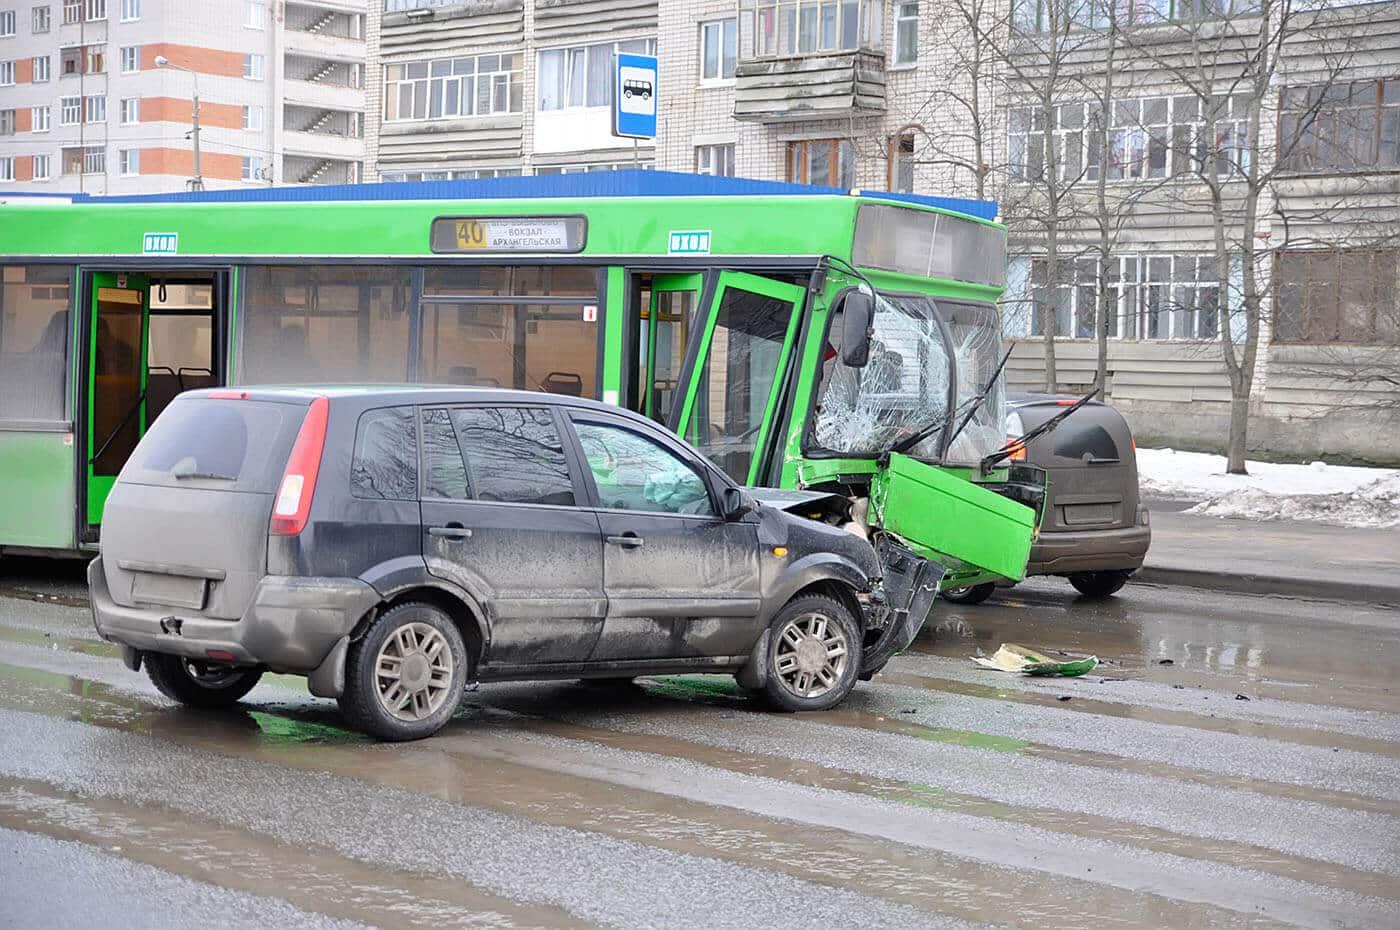 eric blank injury attorneys bus injury claims